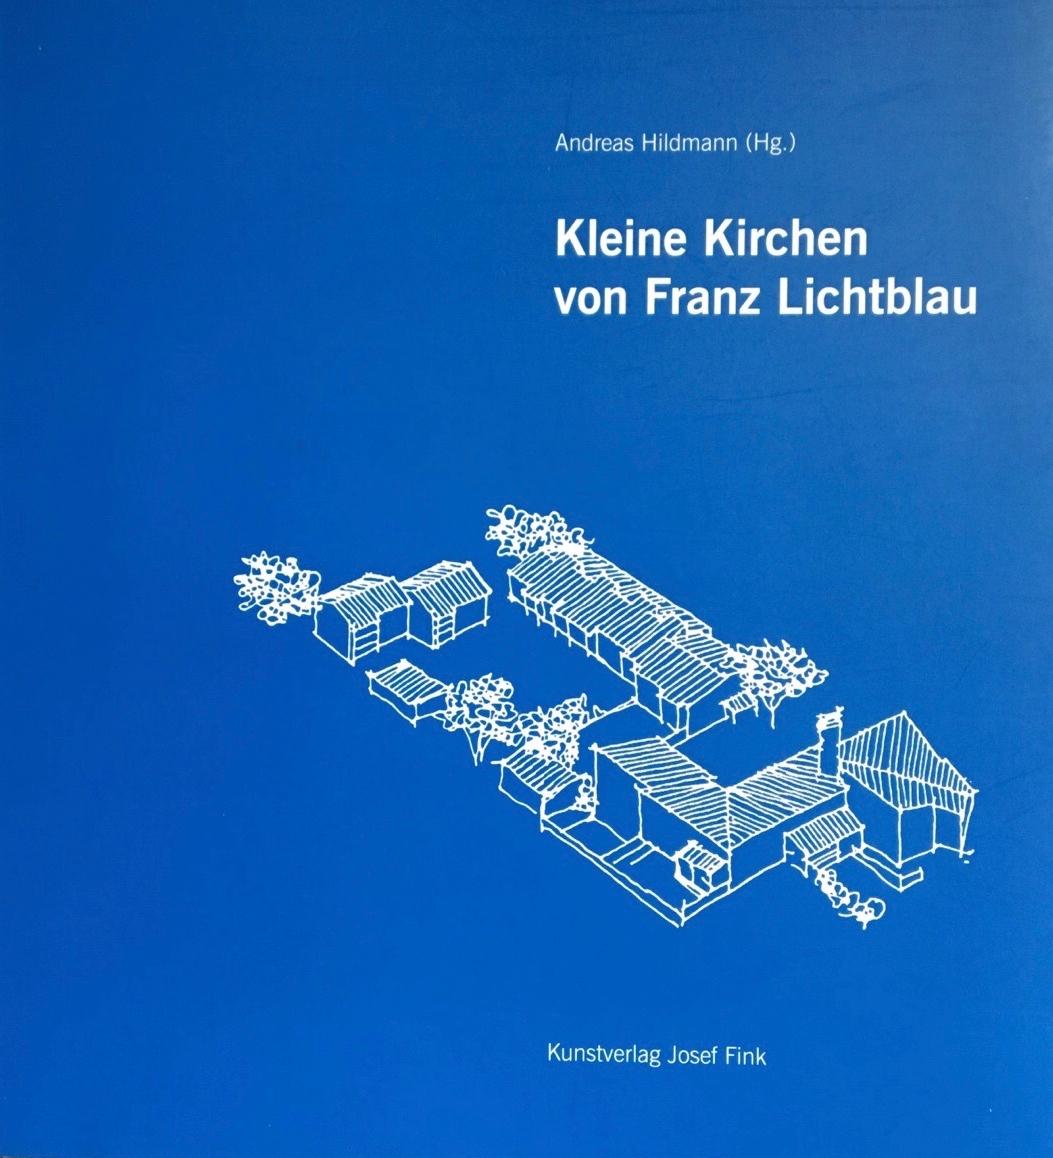 Kleine Kirchen von Franz Lichtblau